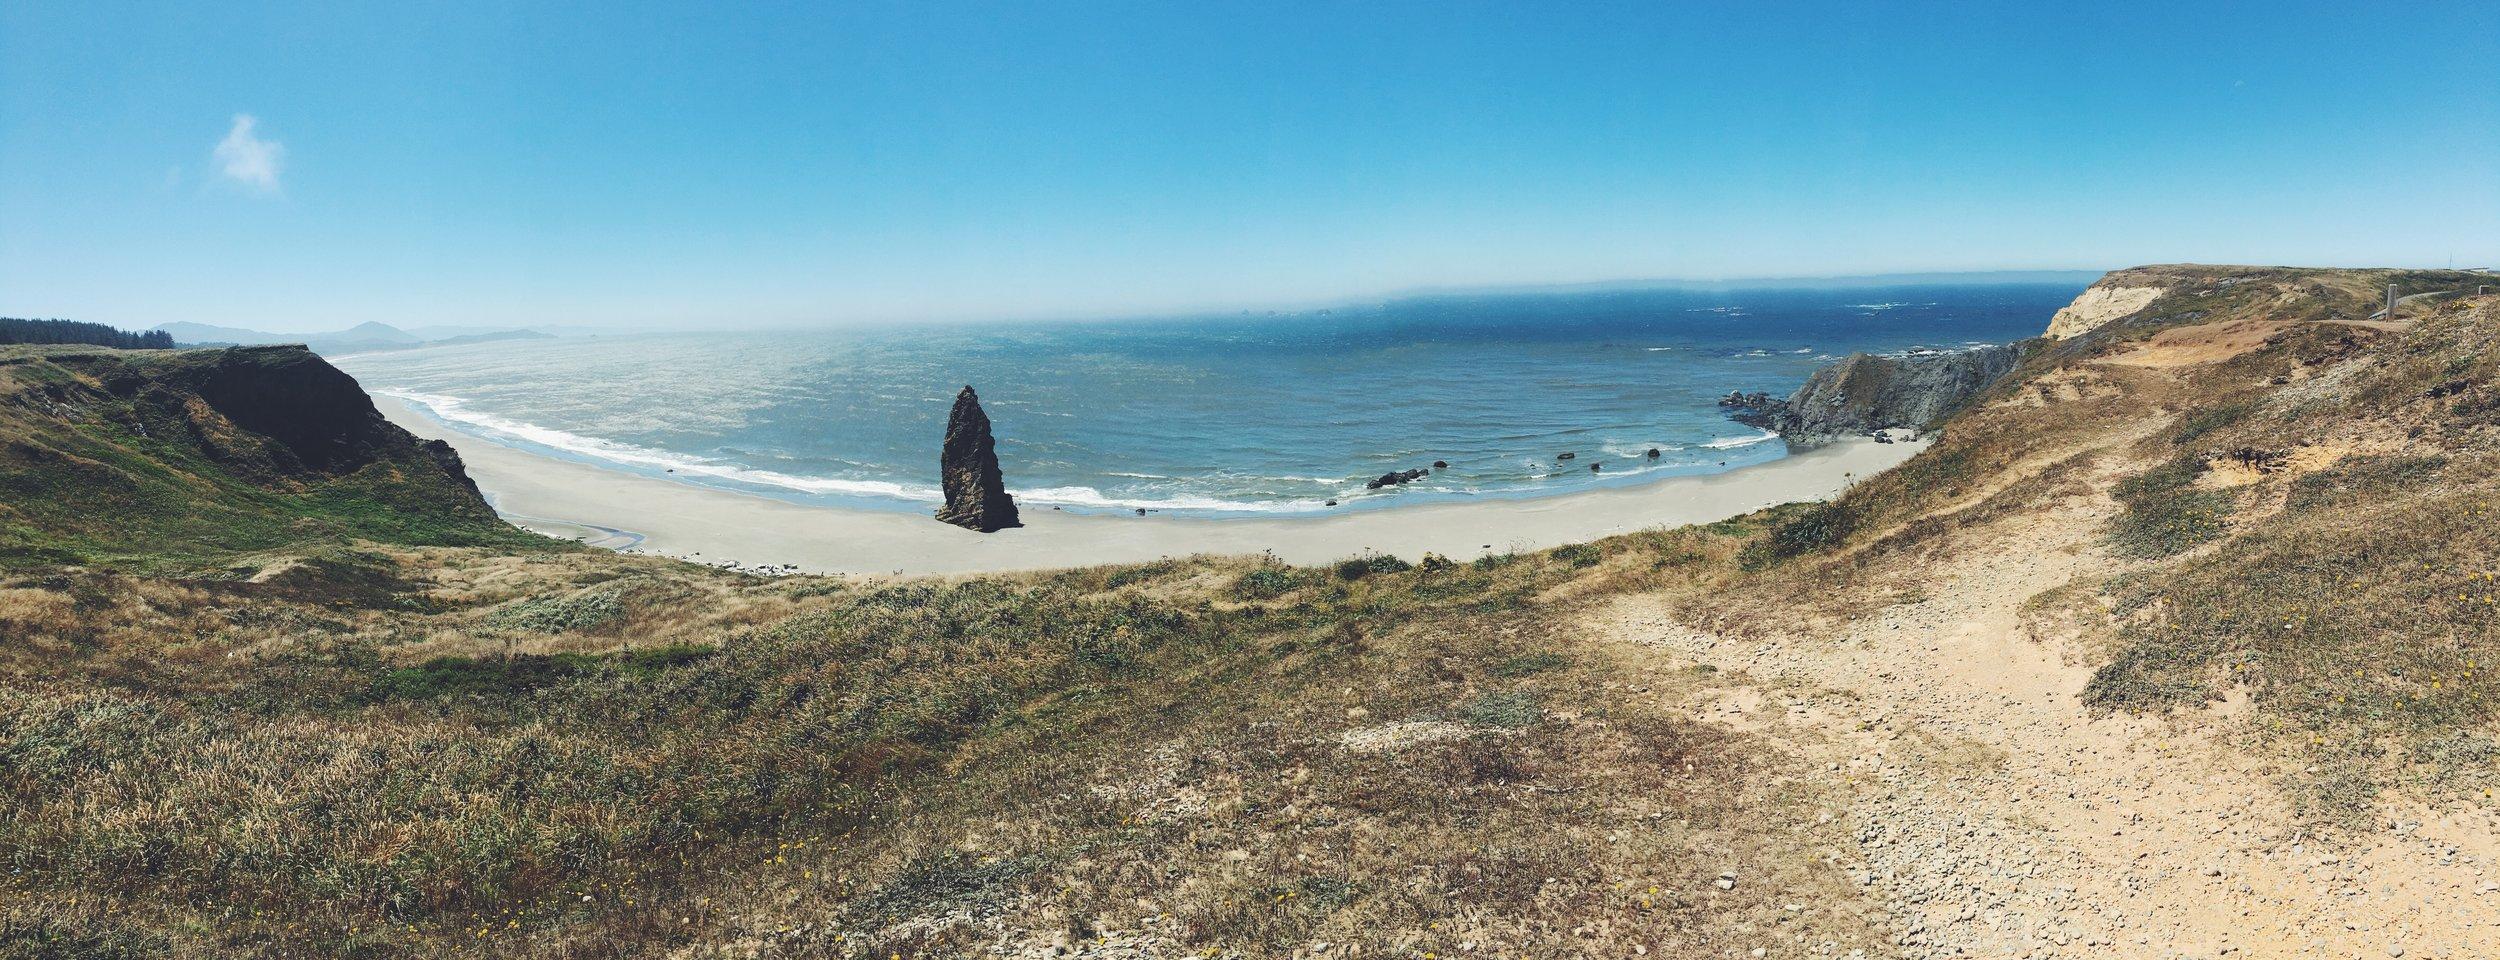 Yaquina Head, Oregon Coast Trail